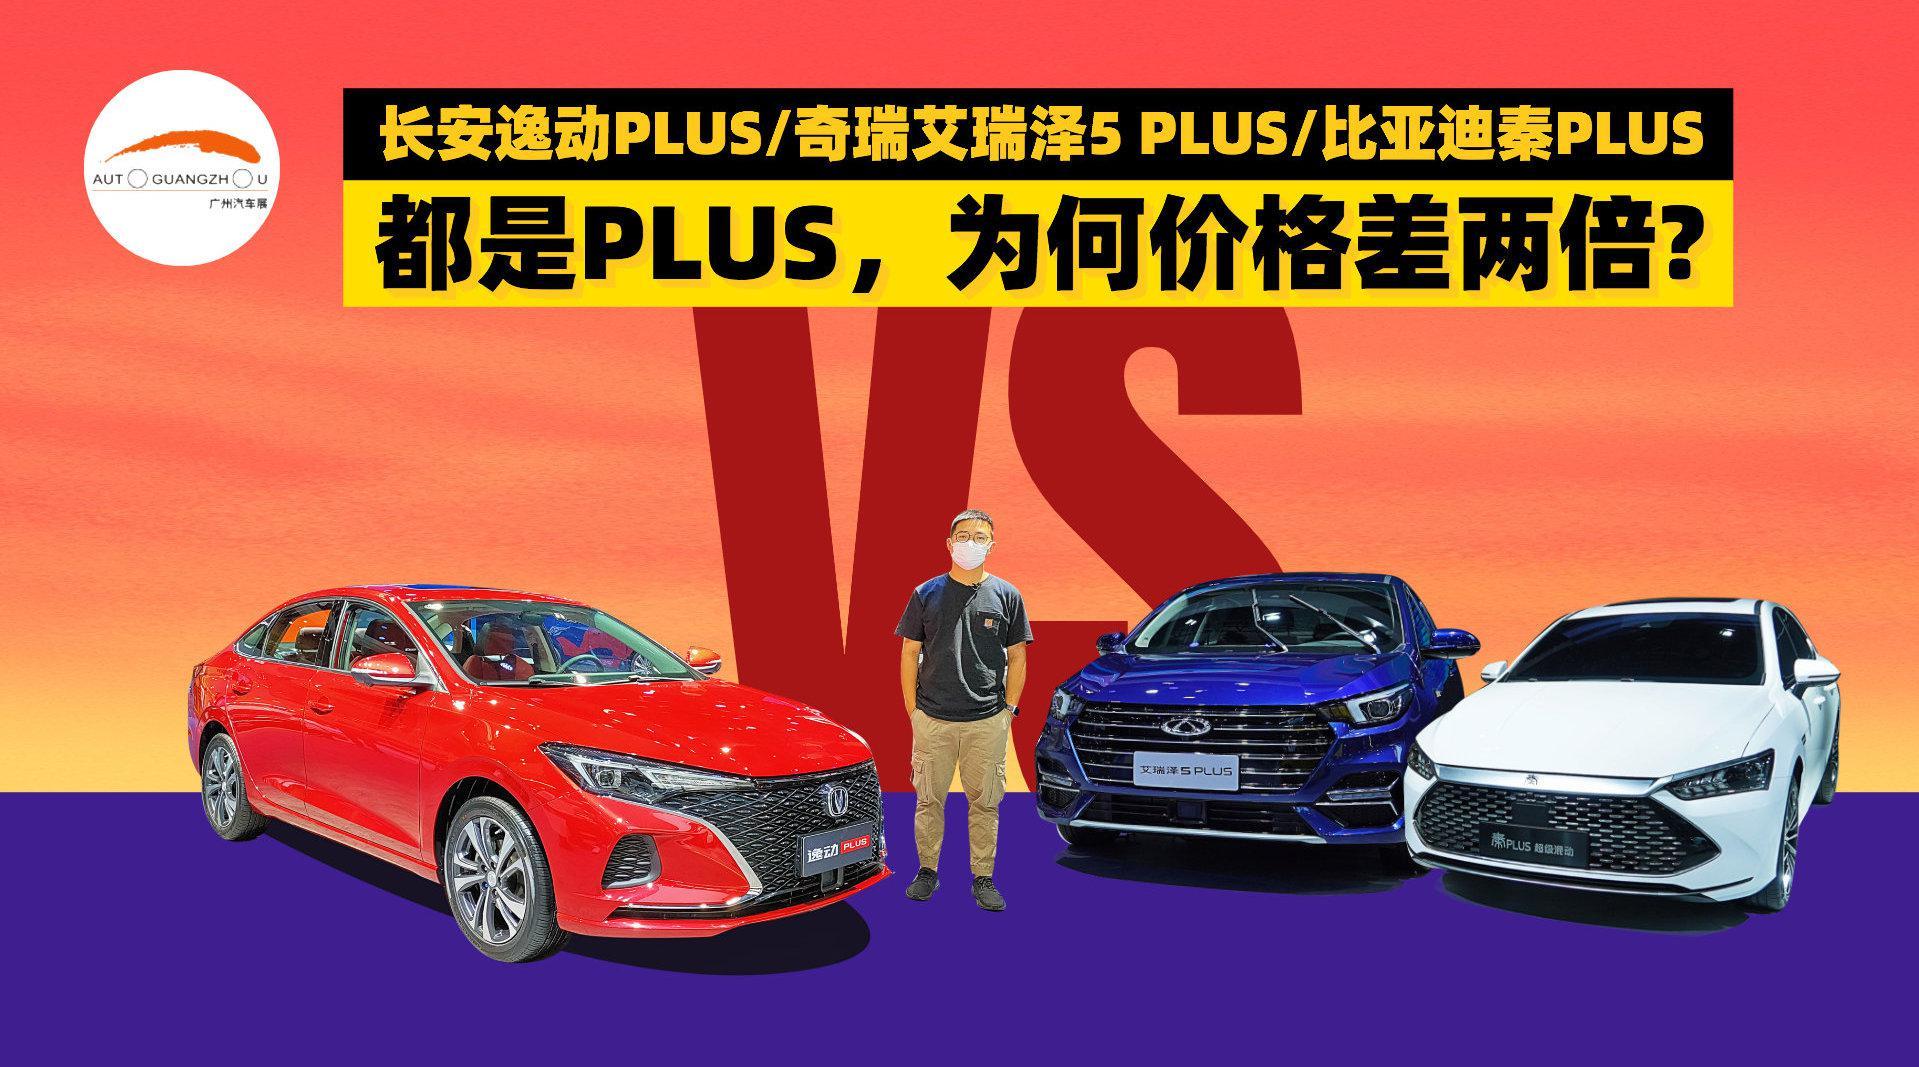 都叫PLUS,价格却差两倍!这三款国产紧凑型轿车值得买吗?